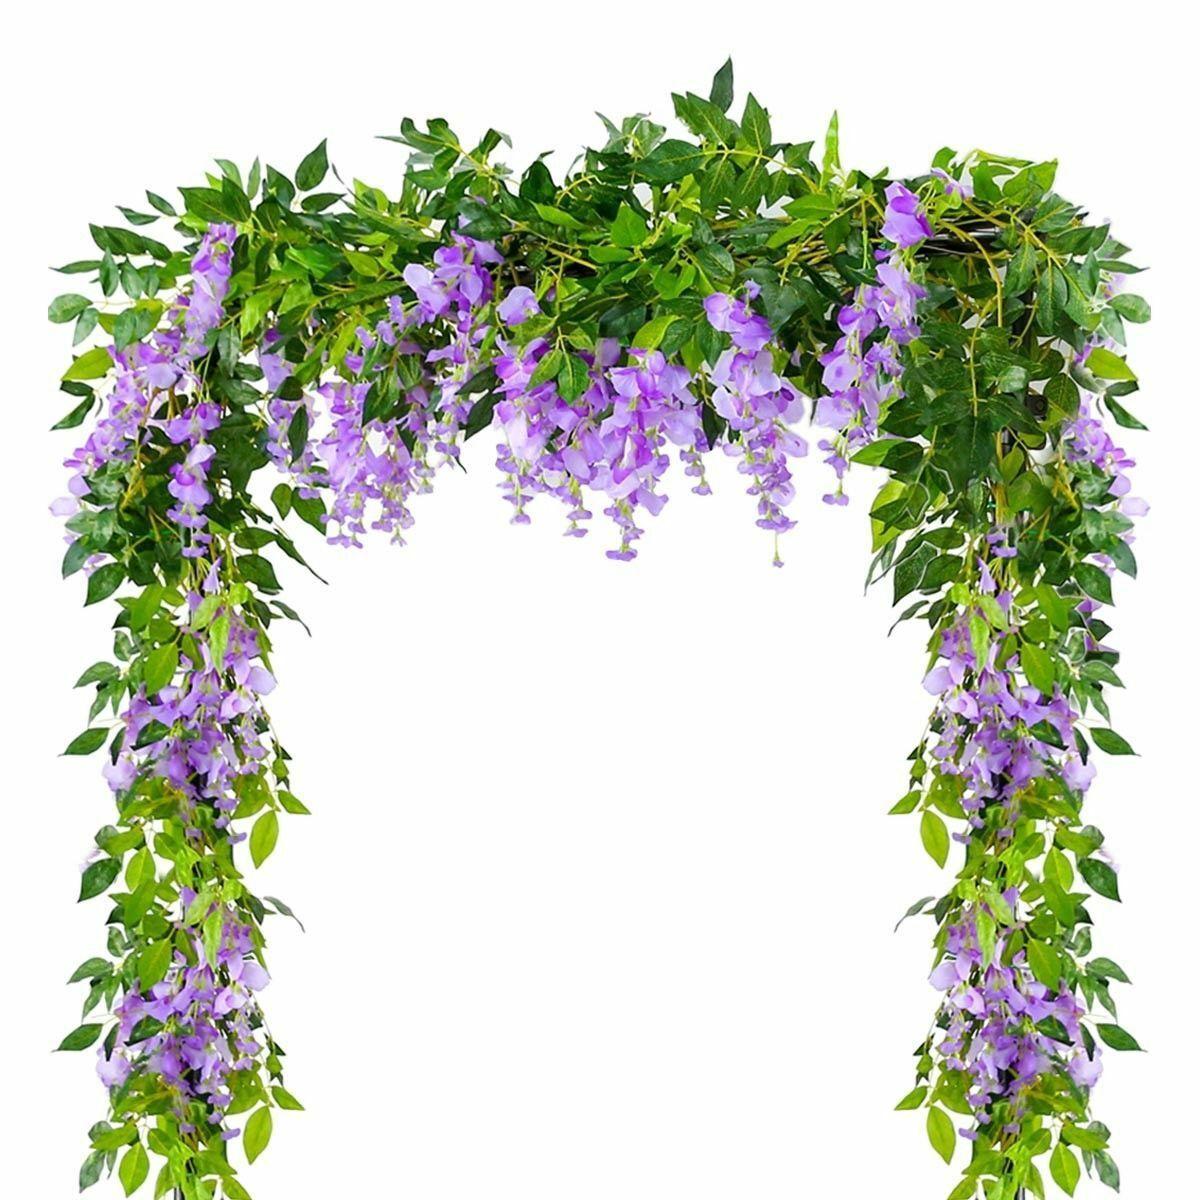 4pcs / lot 6.6ft flor artificial Wisteria Garland Vine Rattan Hanging decoración de la boda de la guirnalda para Naturaleza / regalos de la decoración de interiores